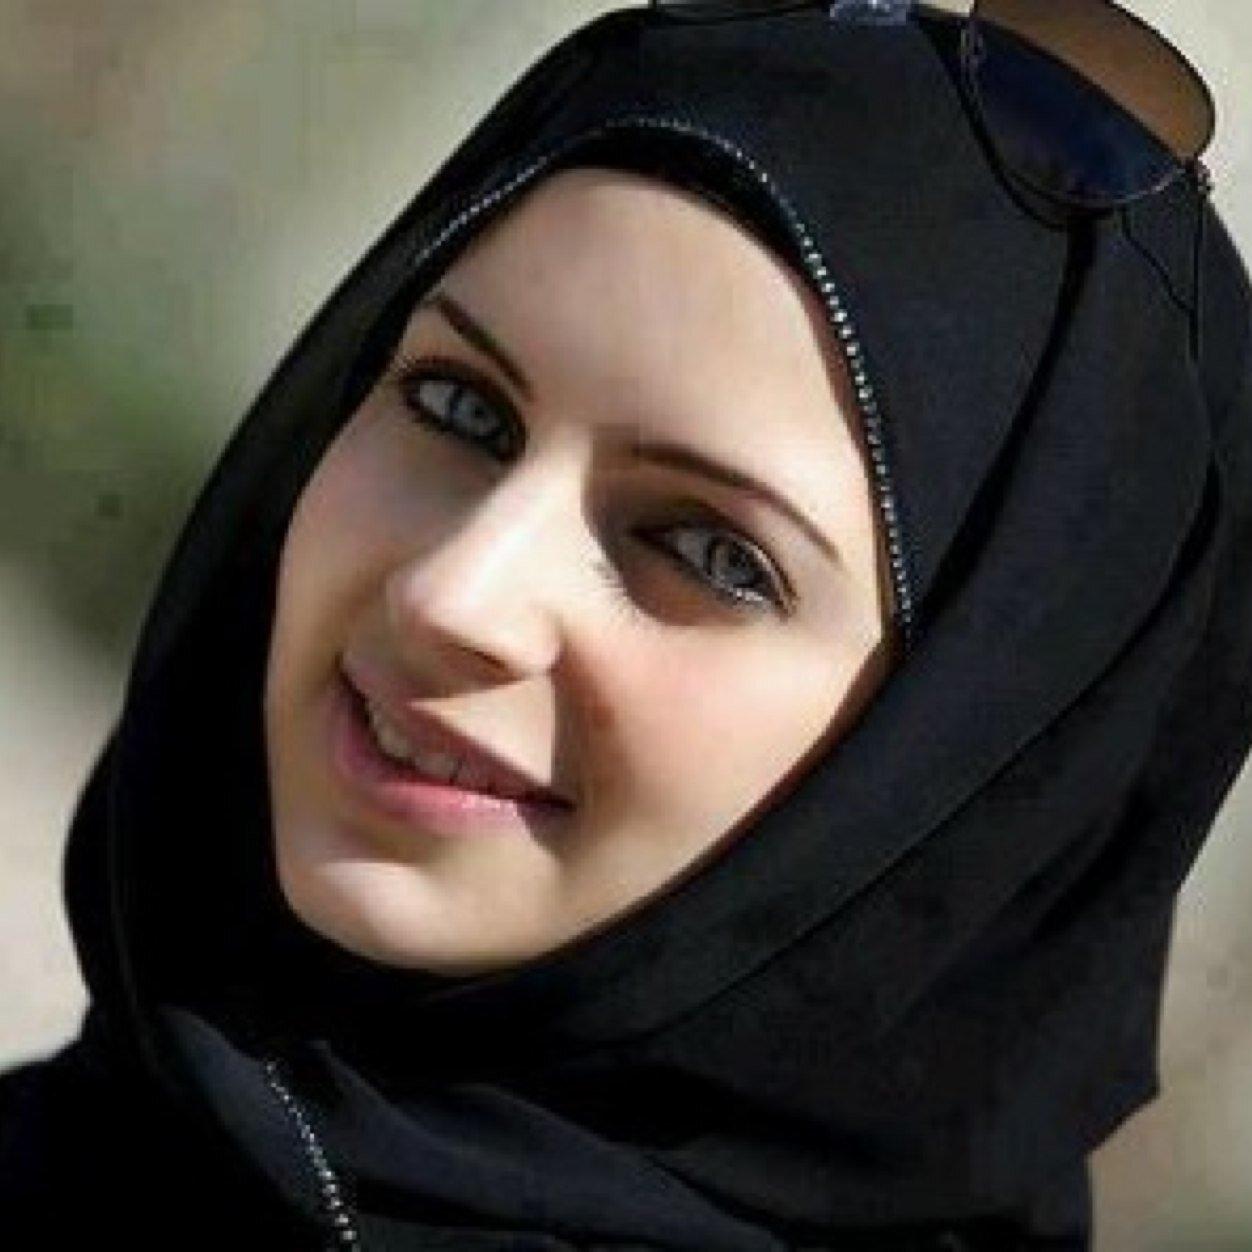 صوره نساء محجبات , اجمل صور تحفة للمحجبات